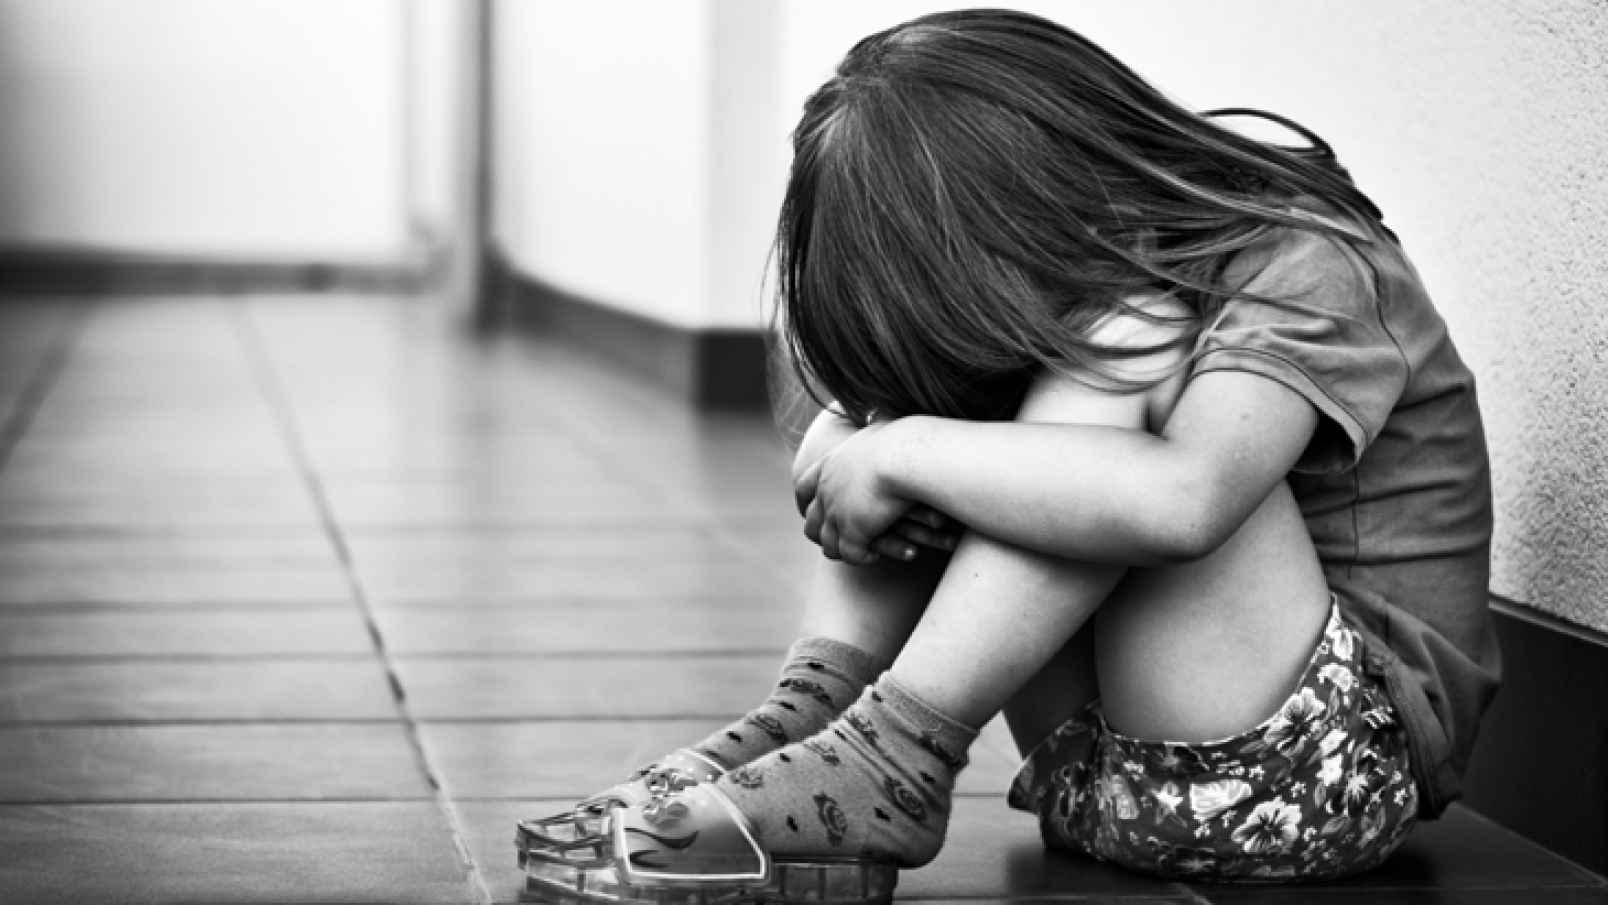 जाजरकोटमा ६४ वर्षिय बृद्धले गरे, ६ वर्षिया बालिका बलात्कार